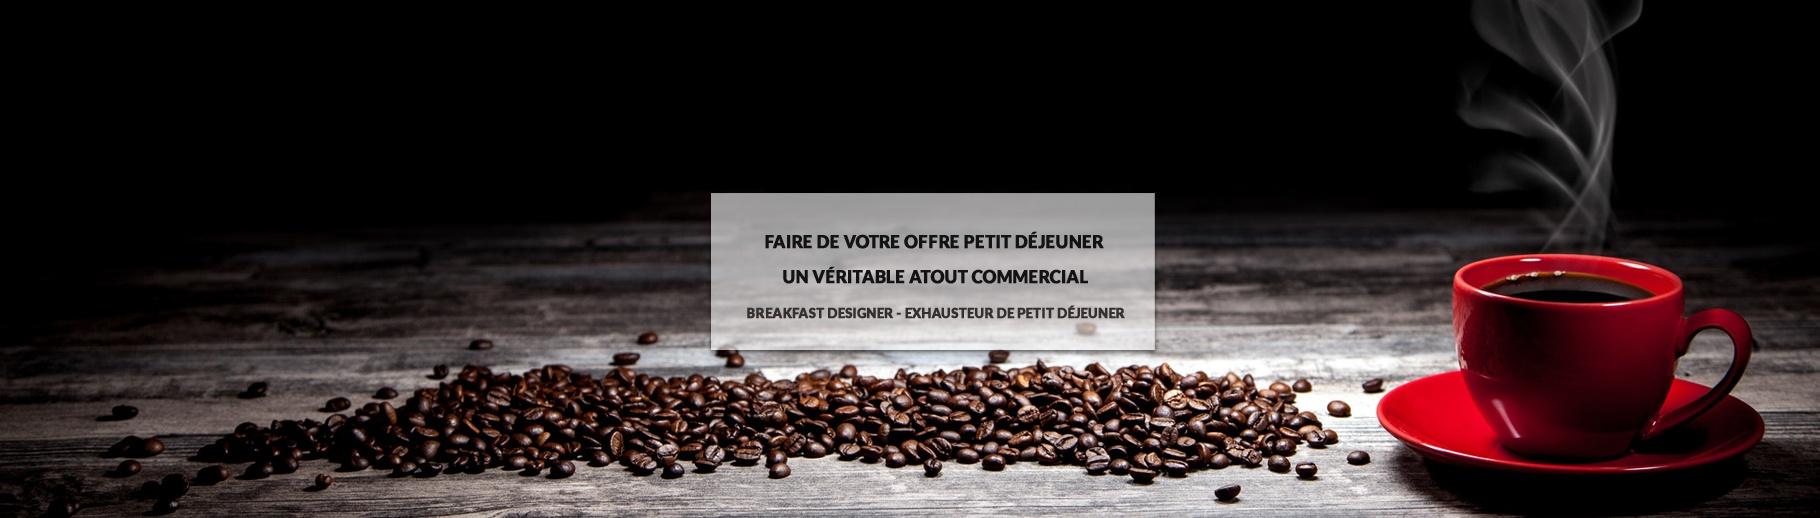 Breakfast Designer - Exhausteur de petit déjeuner